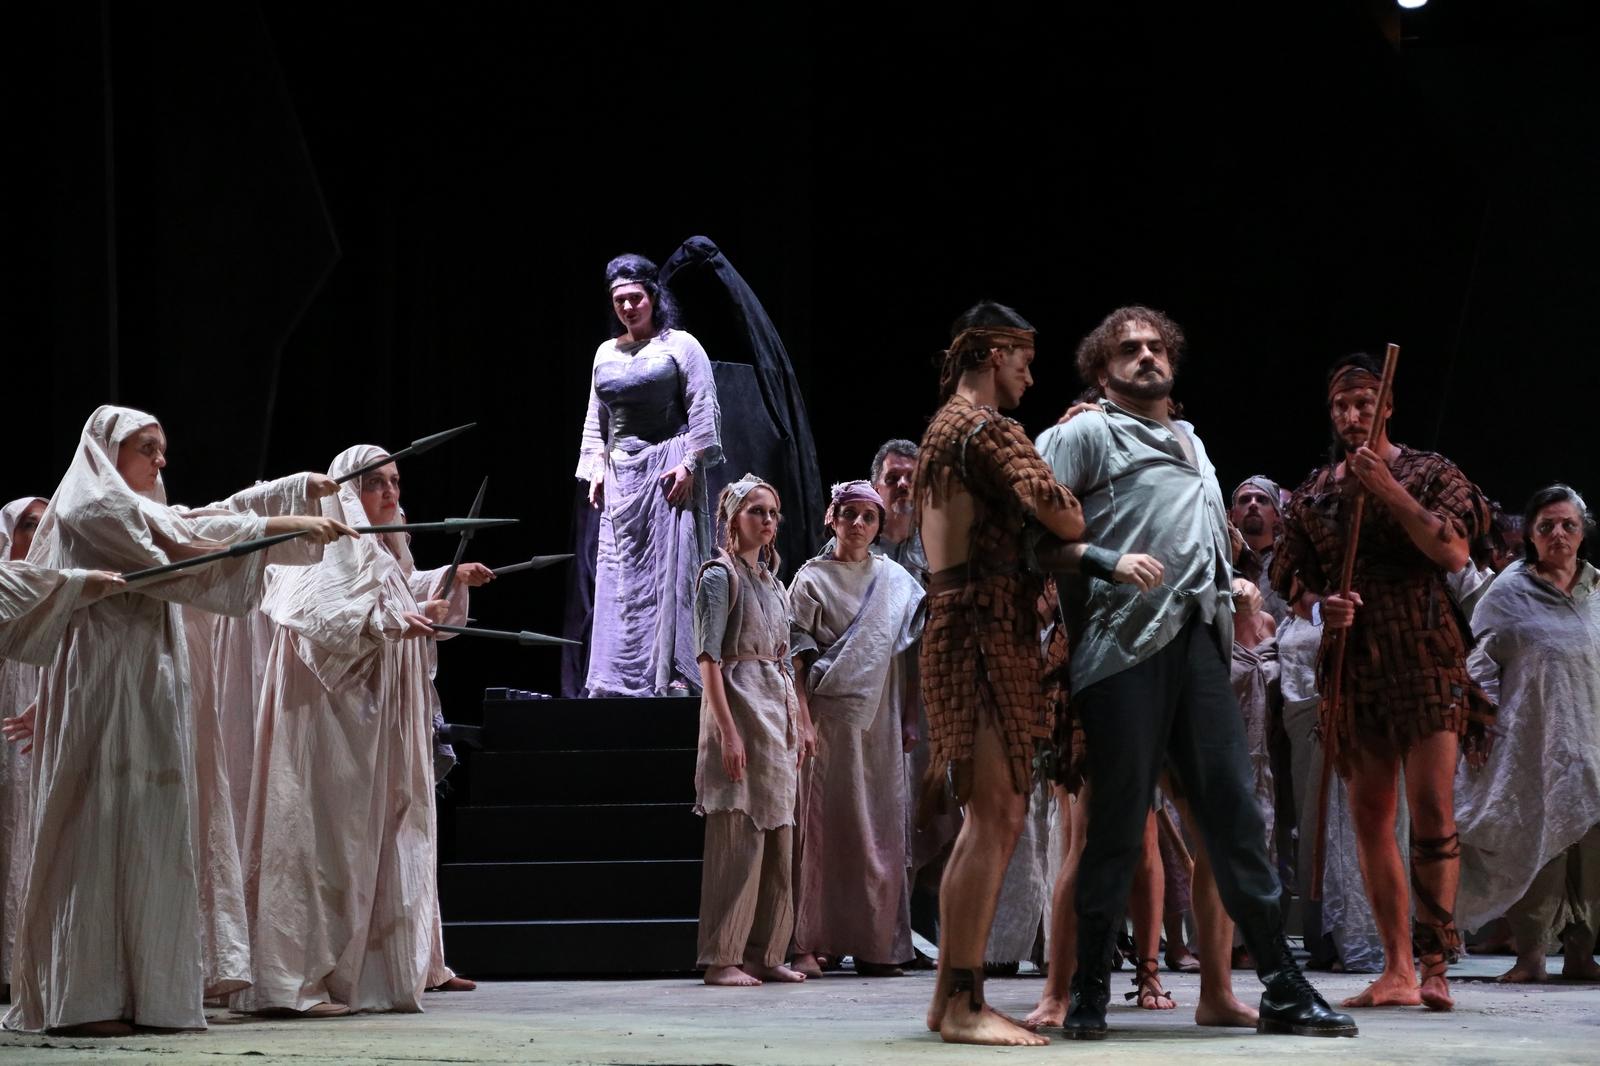 Premijera opere 'Norma' u riječkom HNK-u